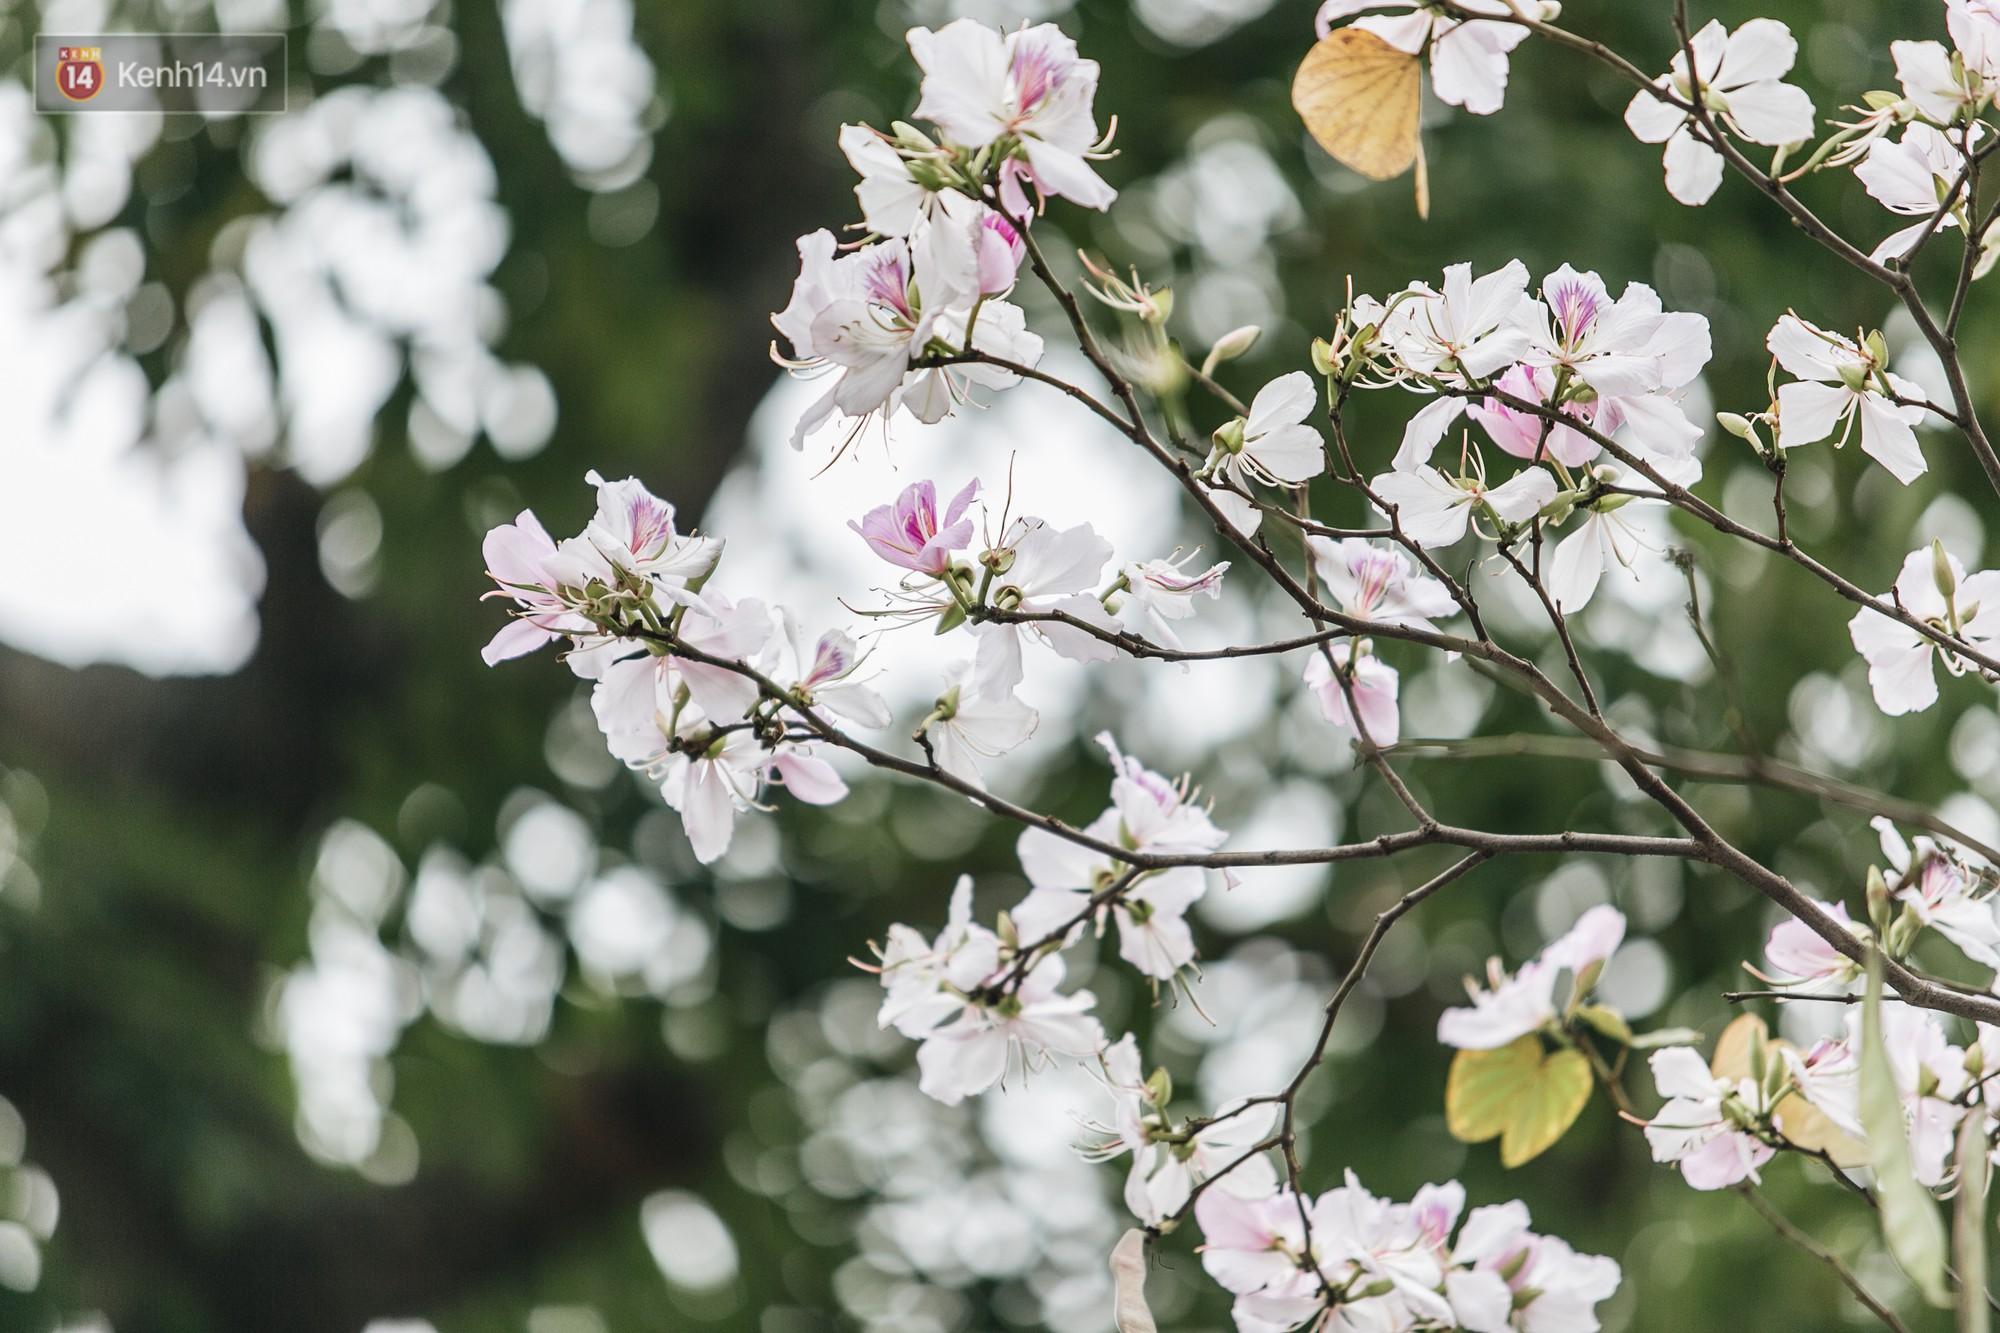 Không cần lên Tây Bắc, hoa ban vẫn bừng nở giữa đất trời Hà Nội cho người dân thỏa sức check-in - Ảnh 7.